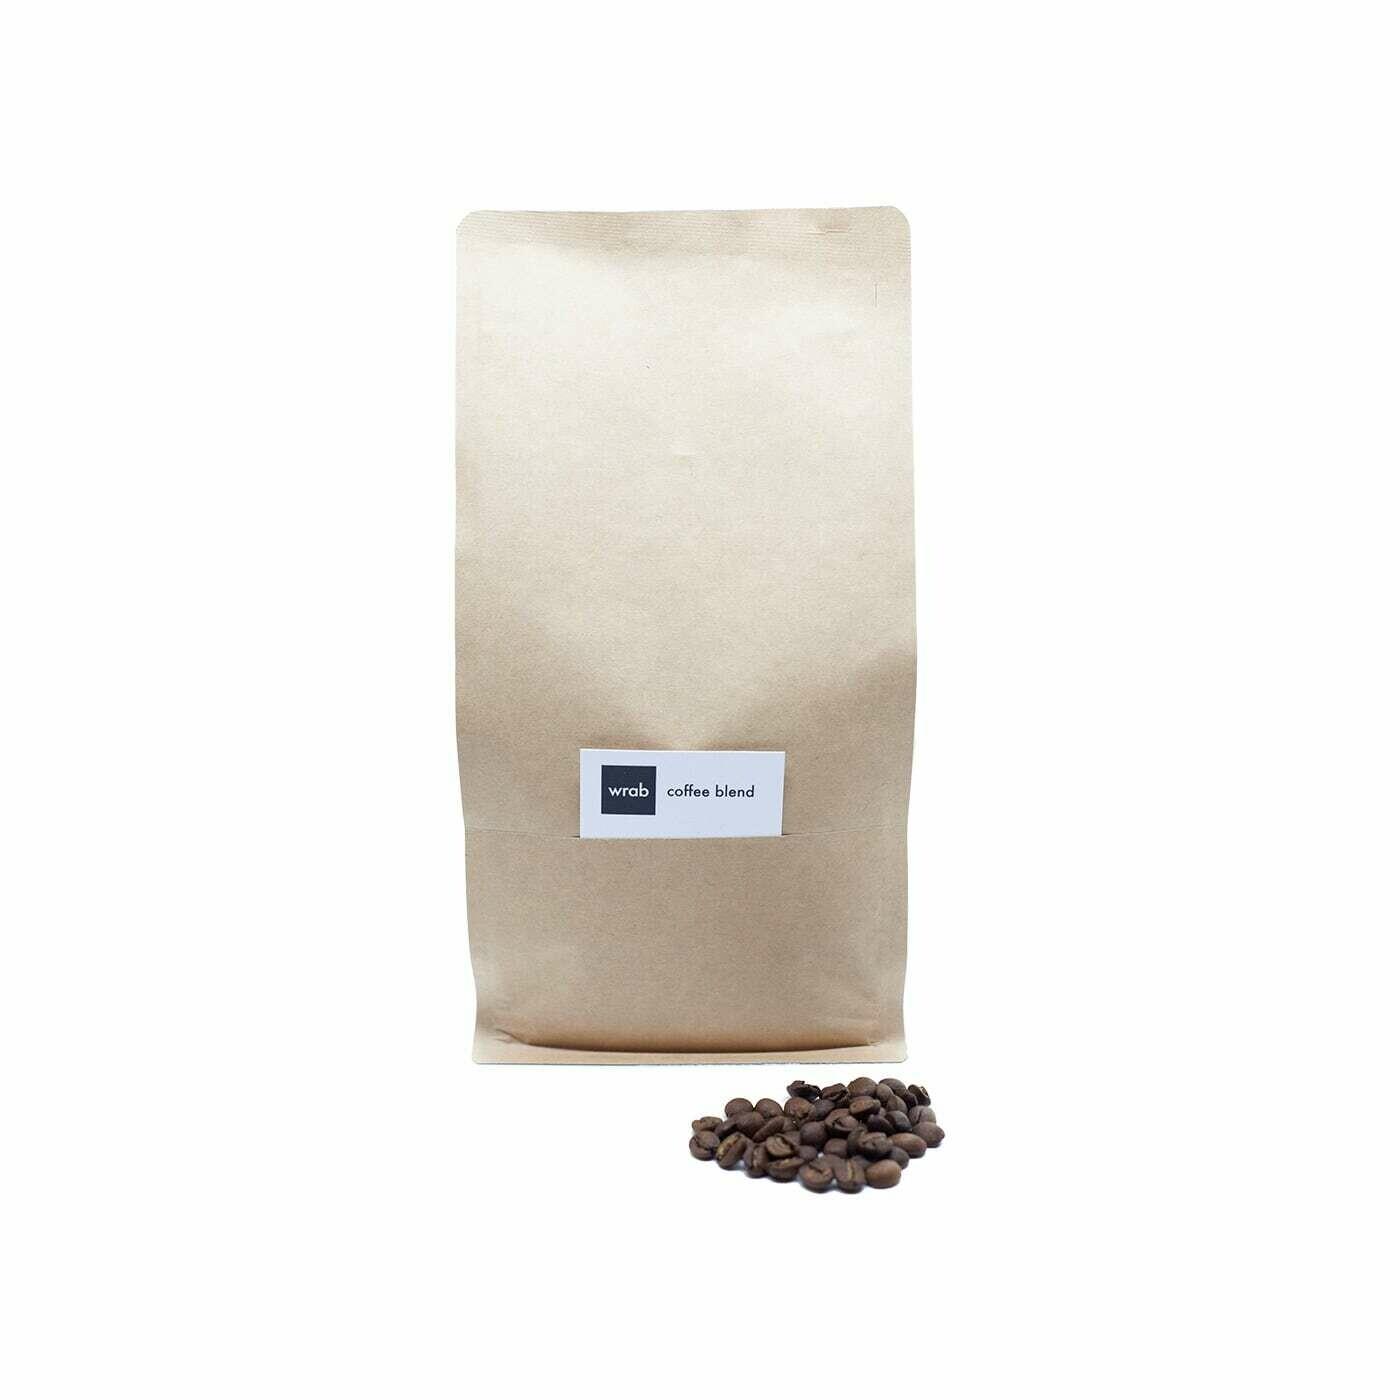 Wrab Coffee Blend 500gr